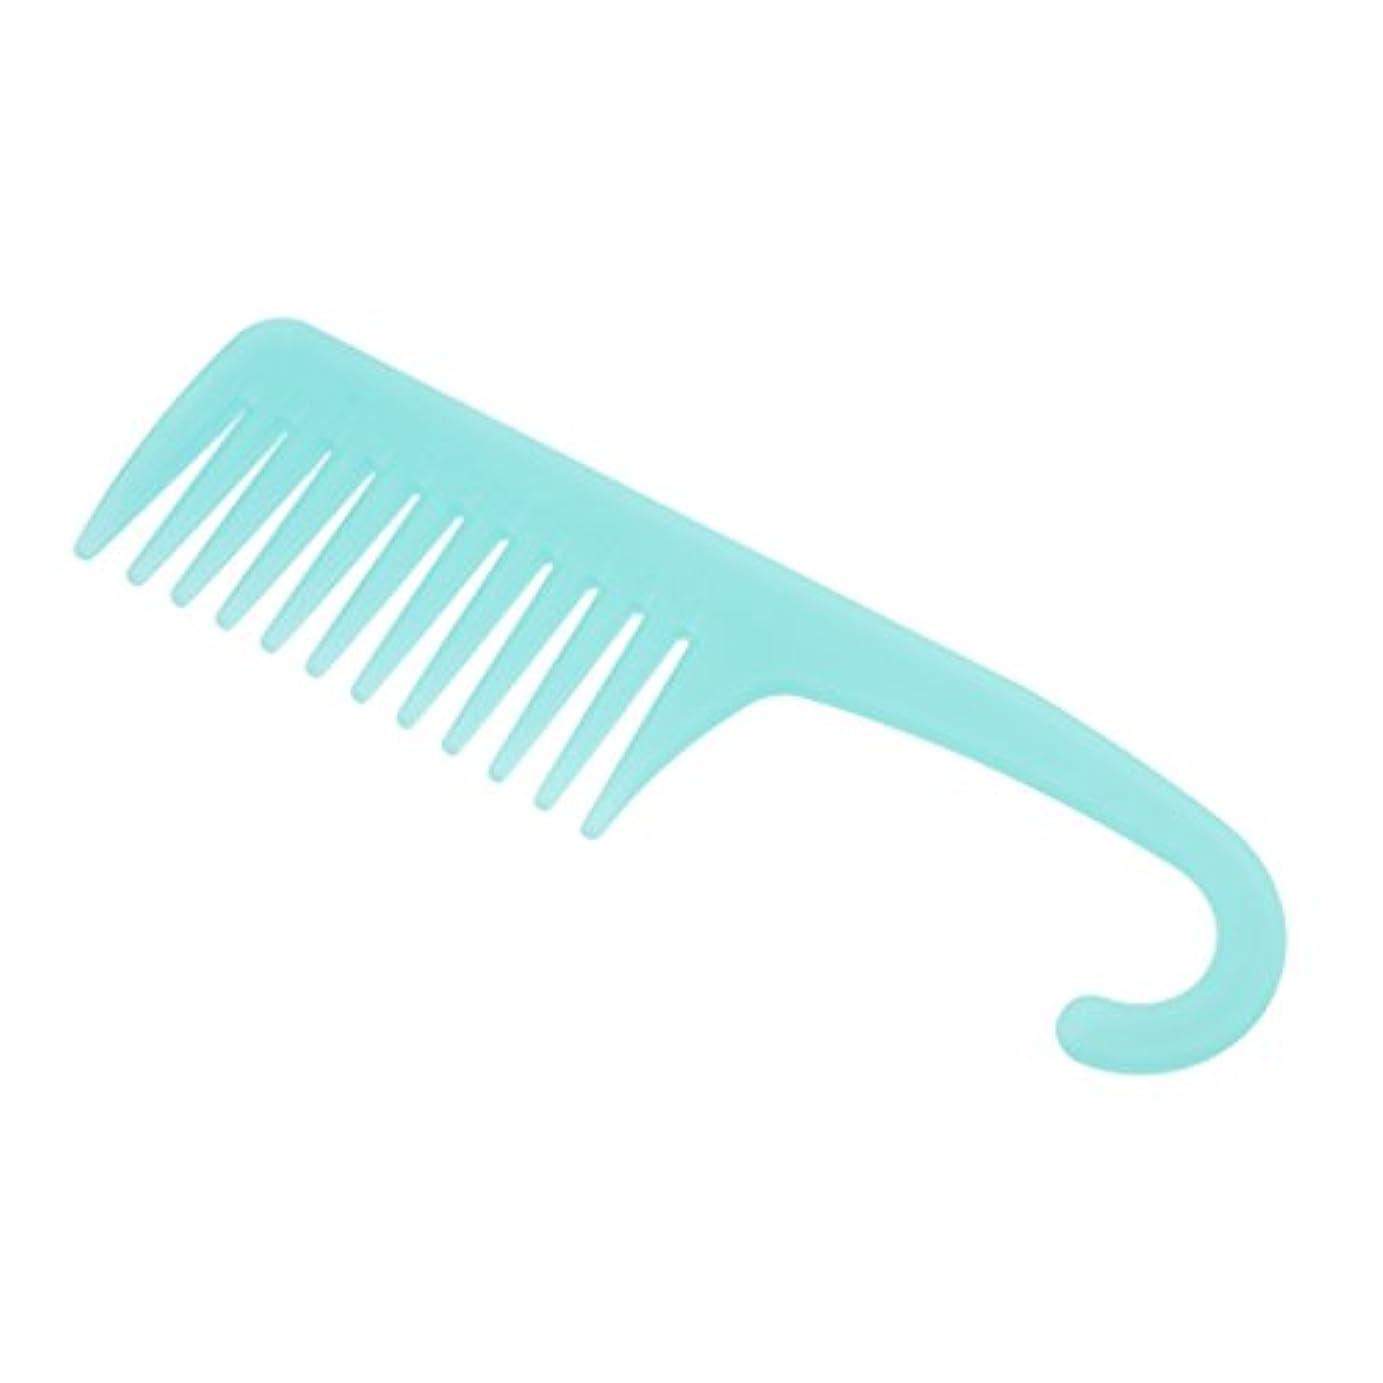 殺人深くマーガレットミッチェルPerfeclan ワイド歯ブラシ ヘアブラシ プロ ヘアーコンディション 櫛 耐熱性 帯電防止 ヘアコーム 3タイプ選べる - A